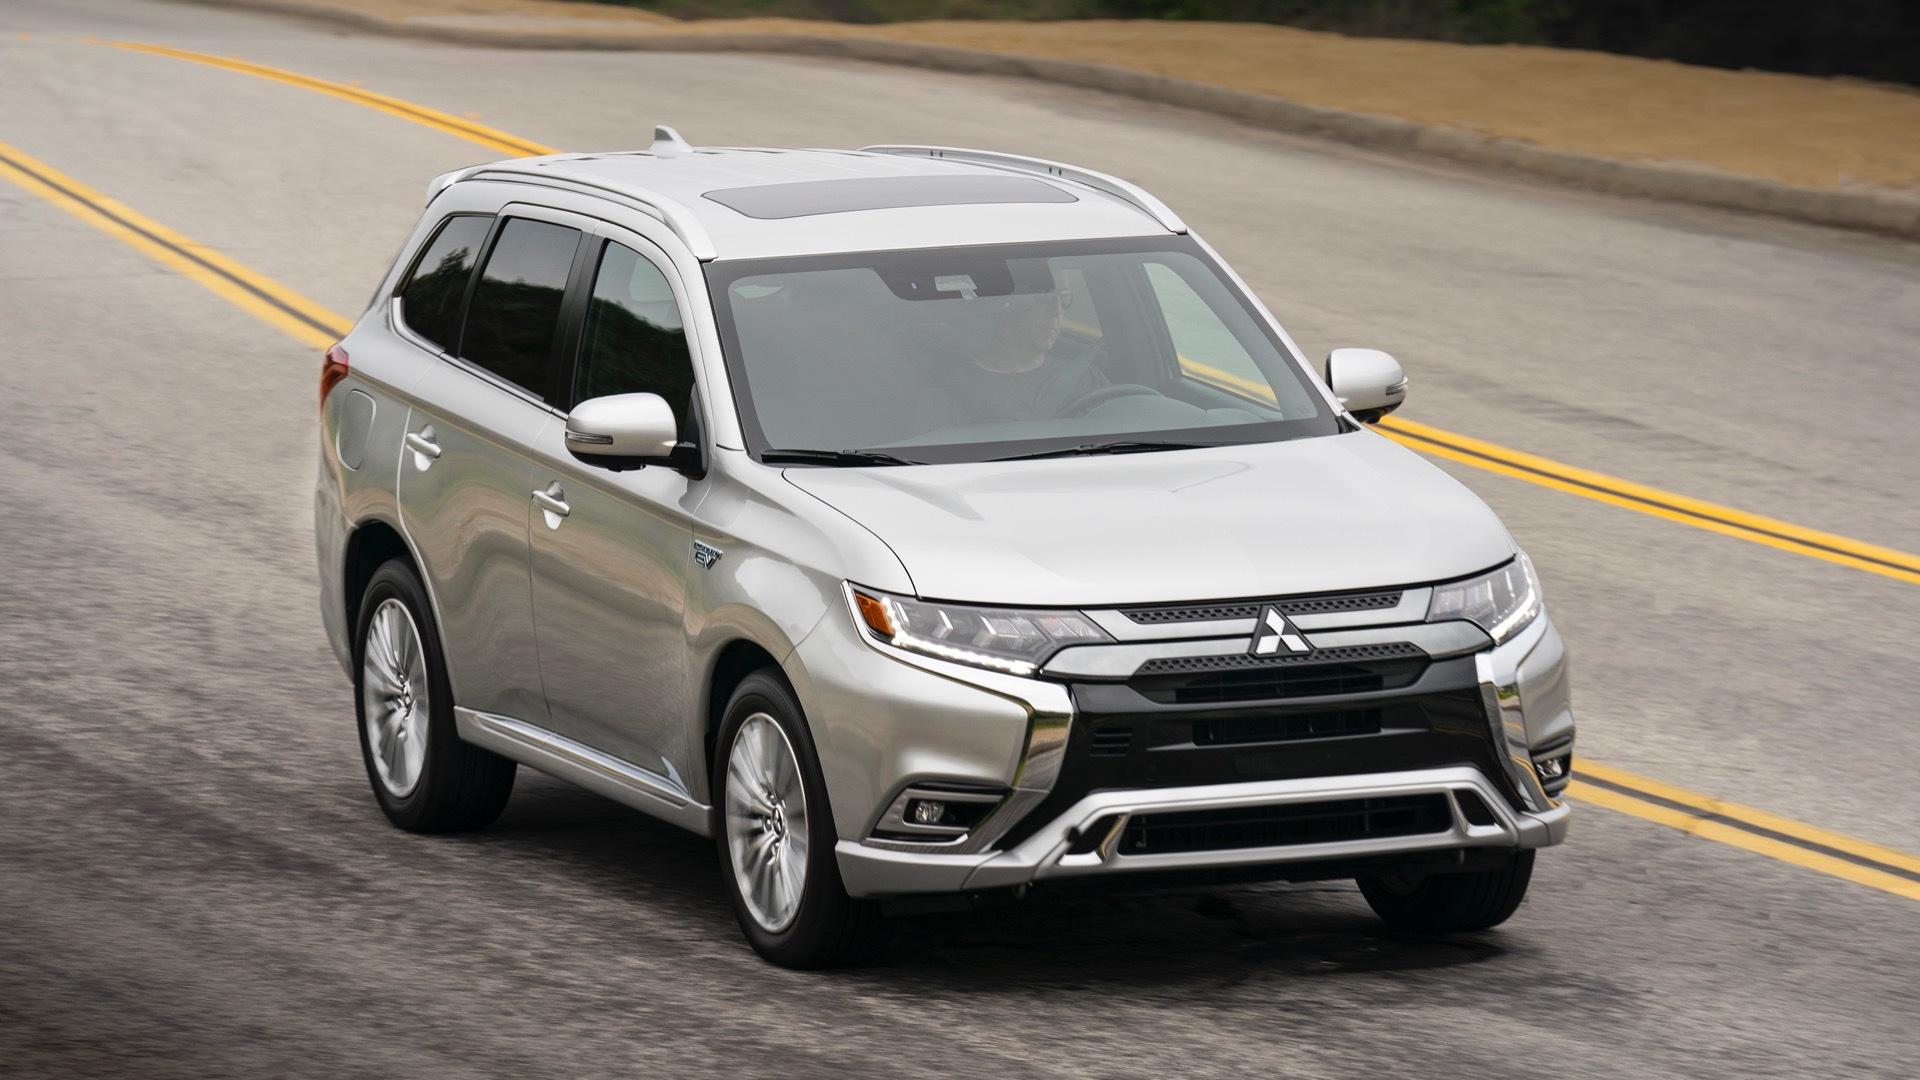 2021 Mitsubishi Outlander Plug-In Hybrid